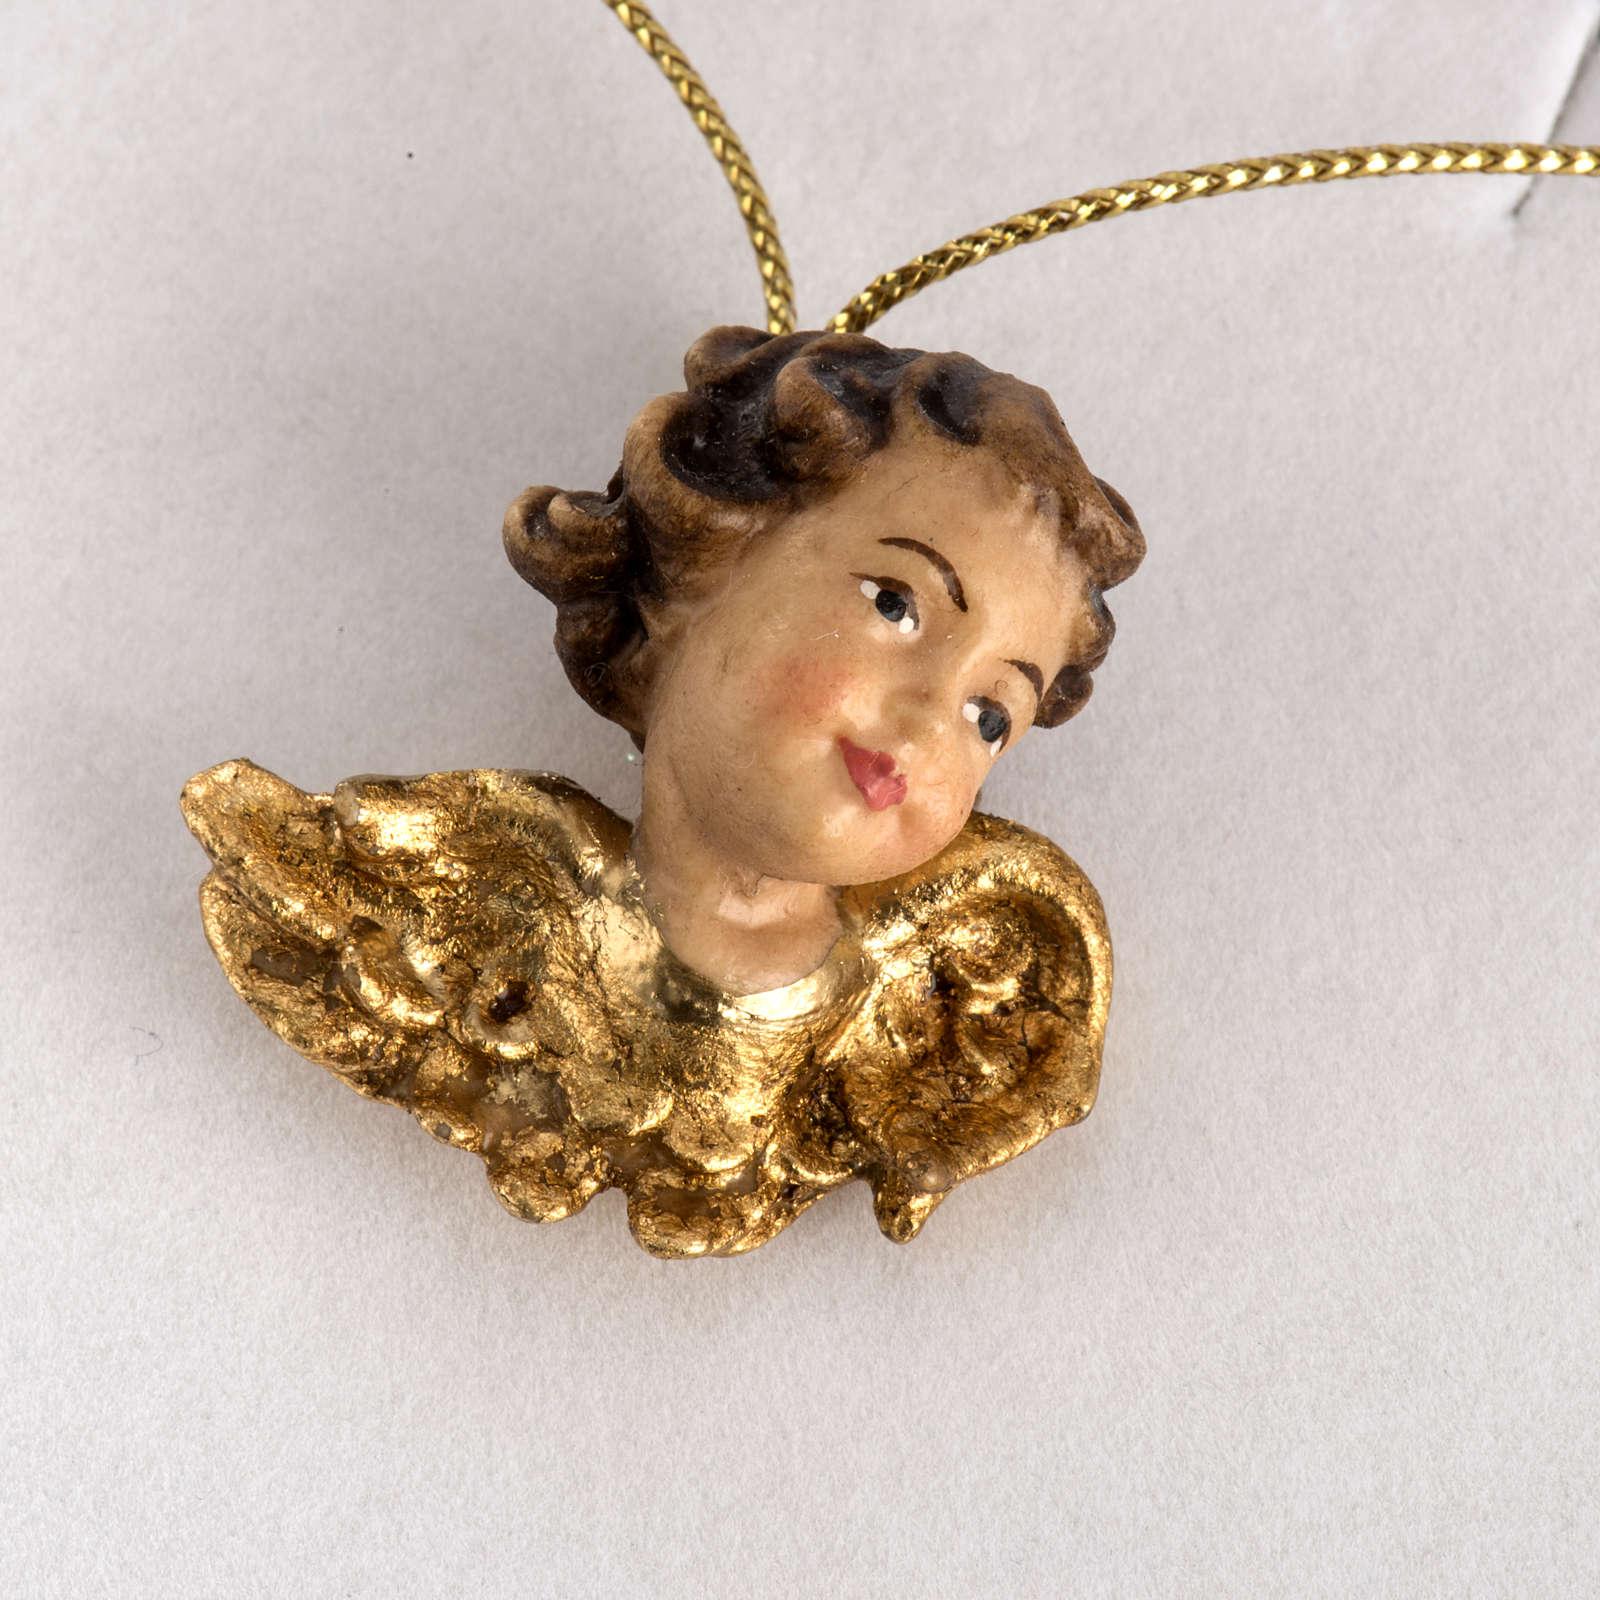 Testina d'angelo legno ali dorate in astuccio 4